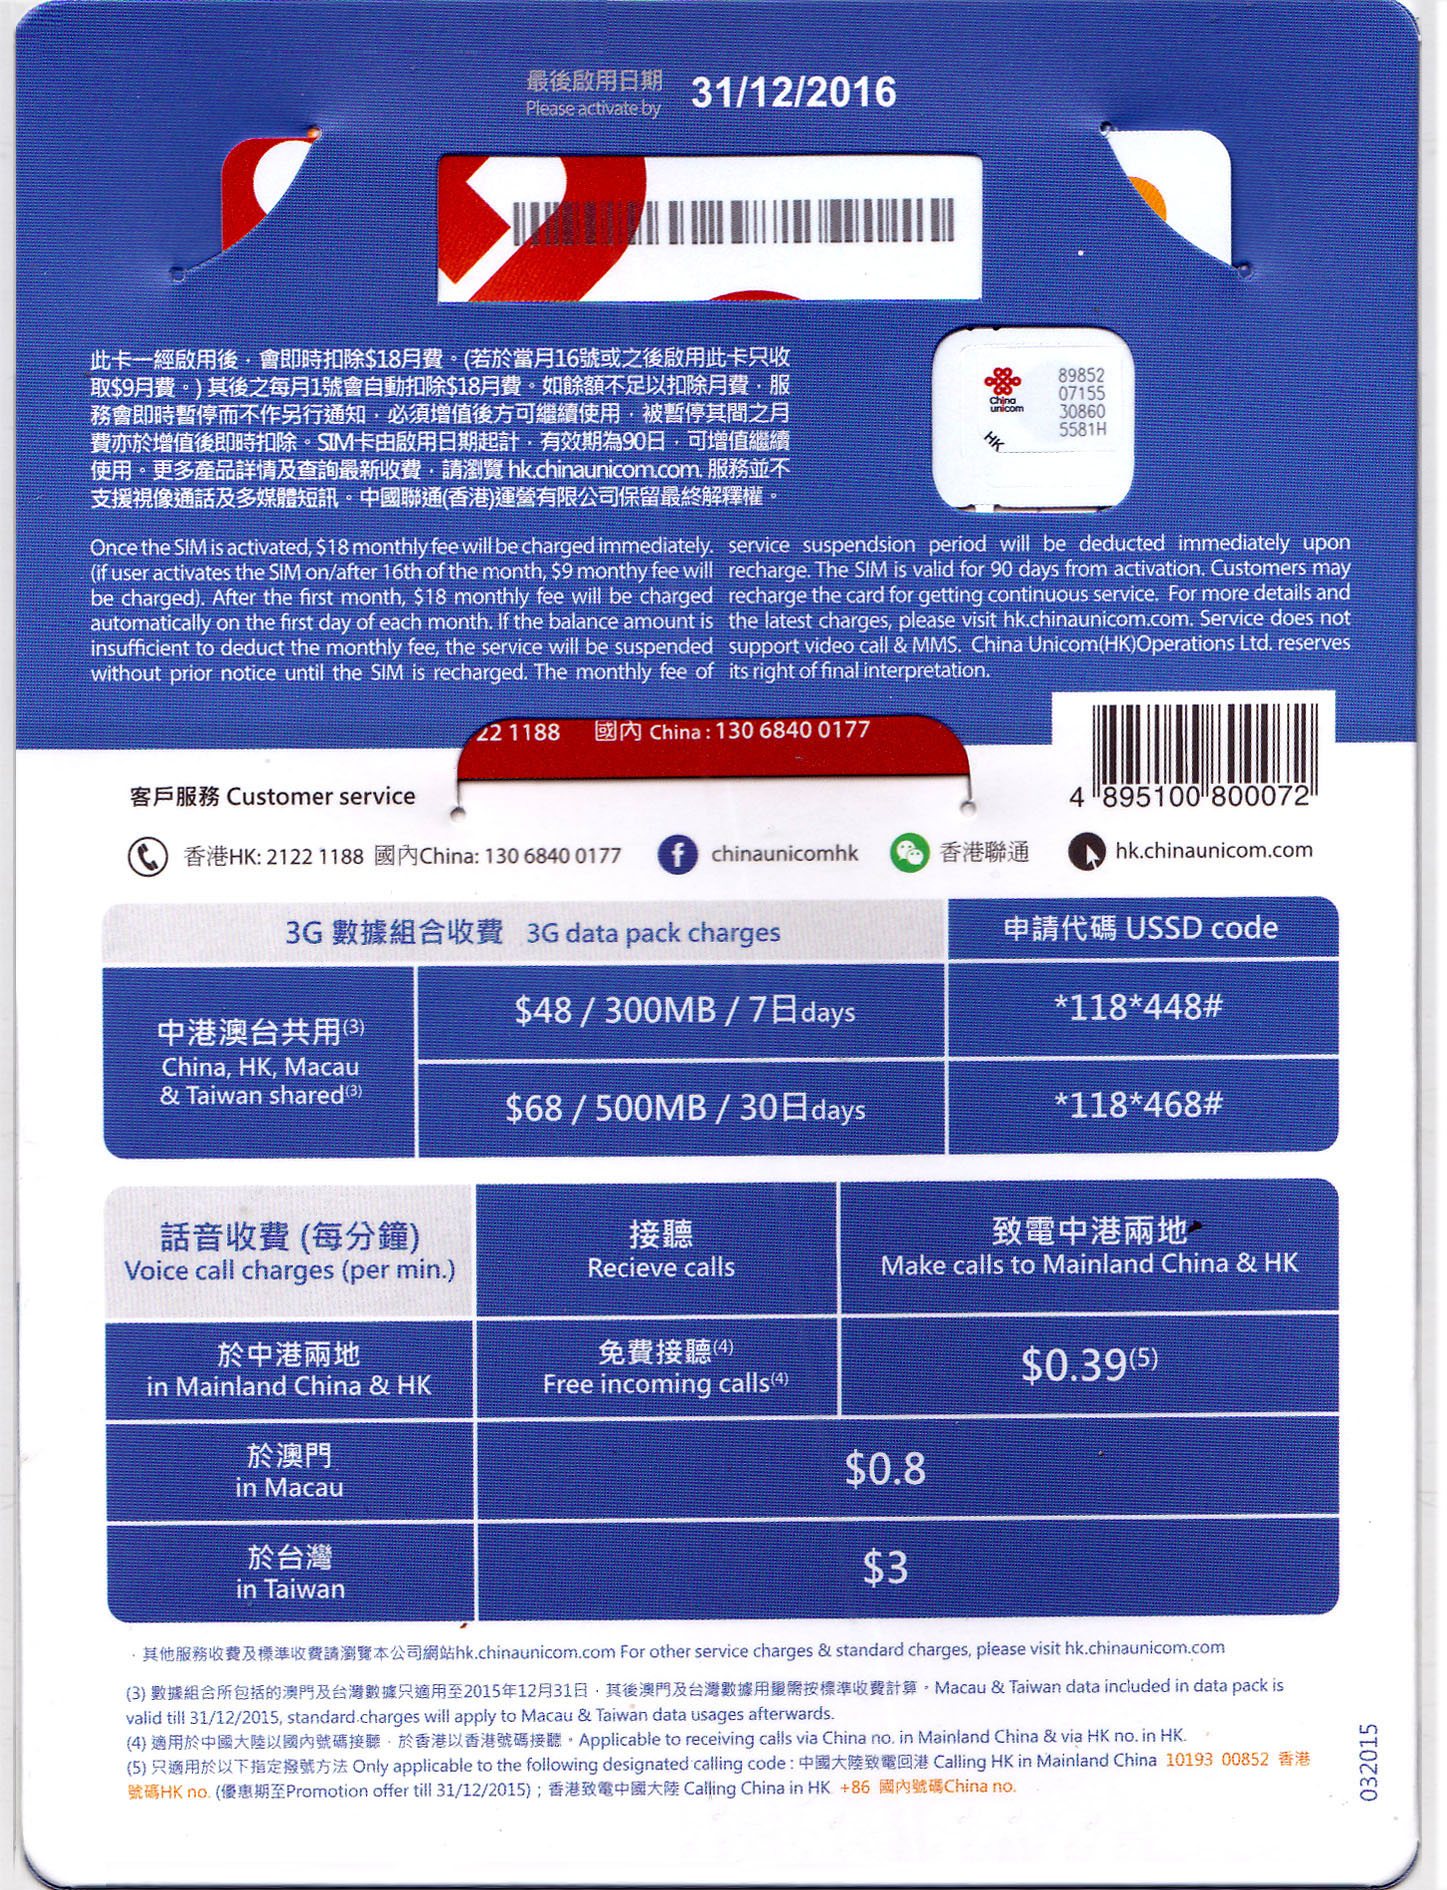 中國聯通跨境王3G加強版增值充值儲值卡鴨記鴨寮街平價貨 cross border kong sim card